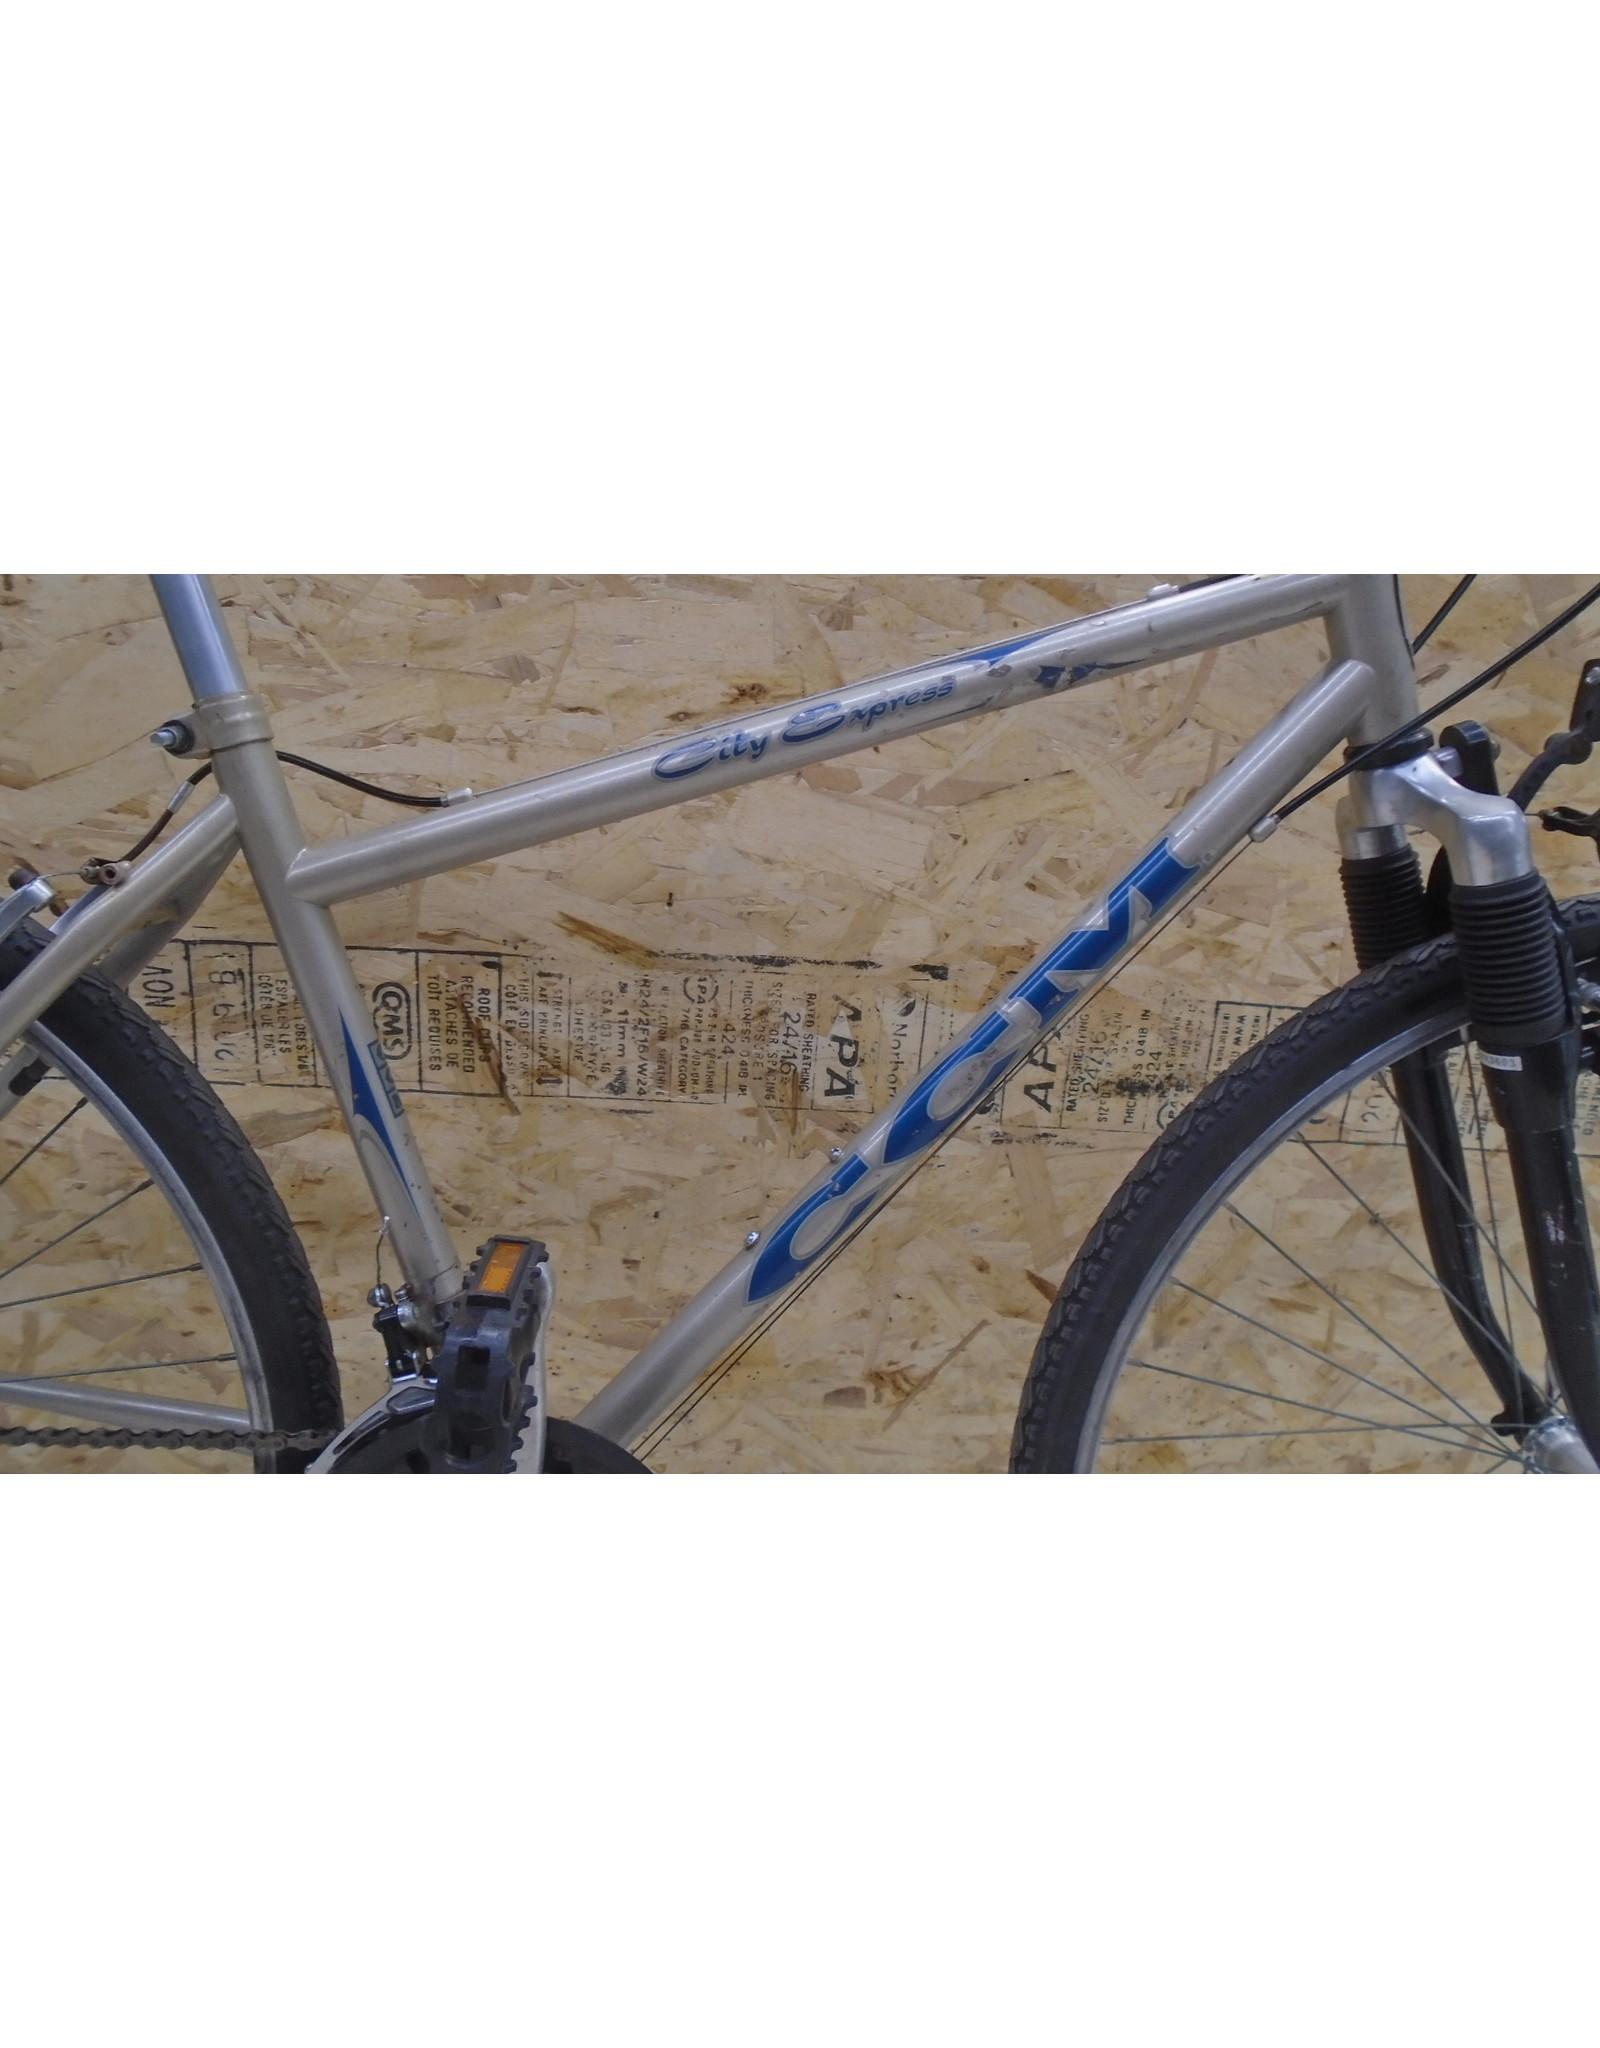 """CCM 18 """"hybrid used bike - 9780"""